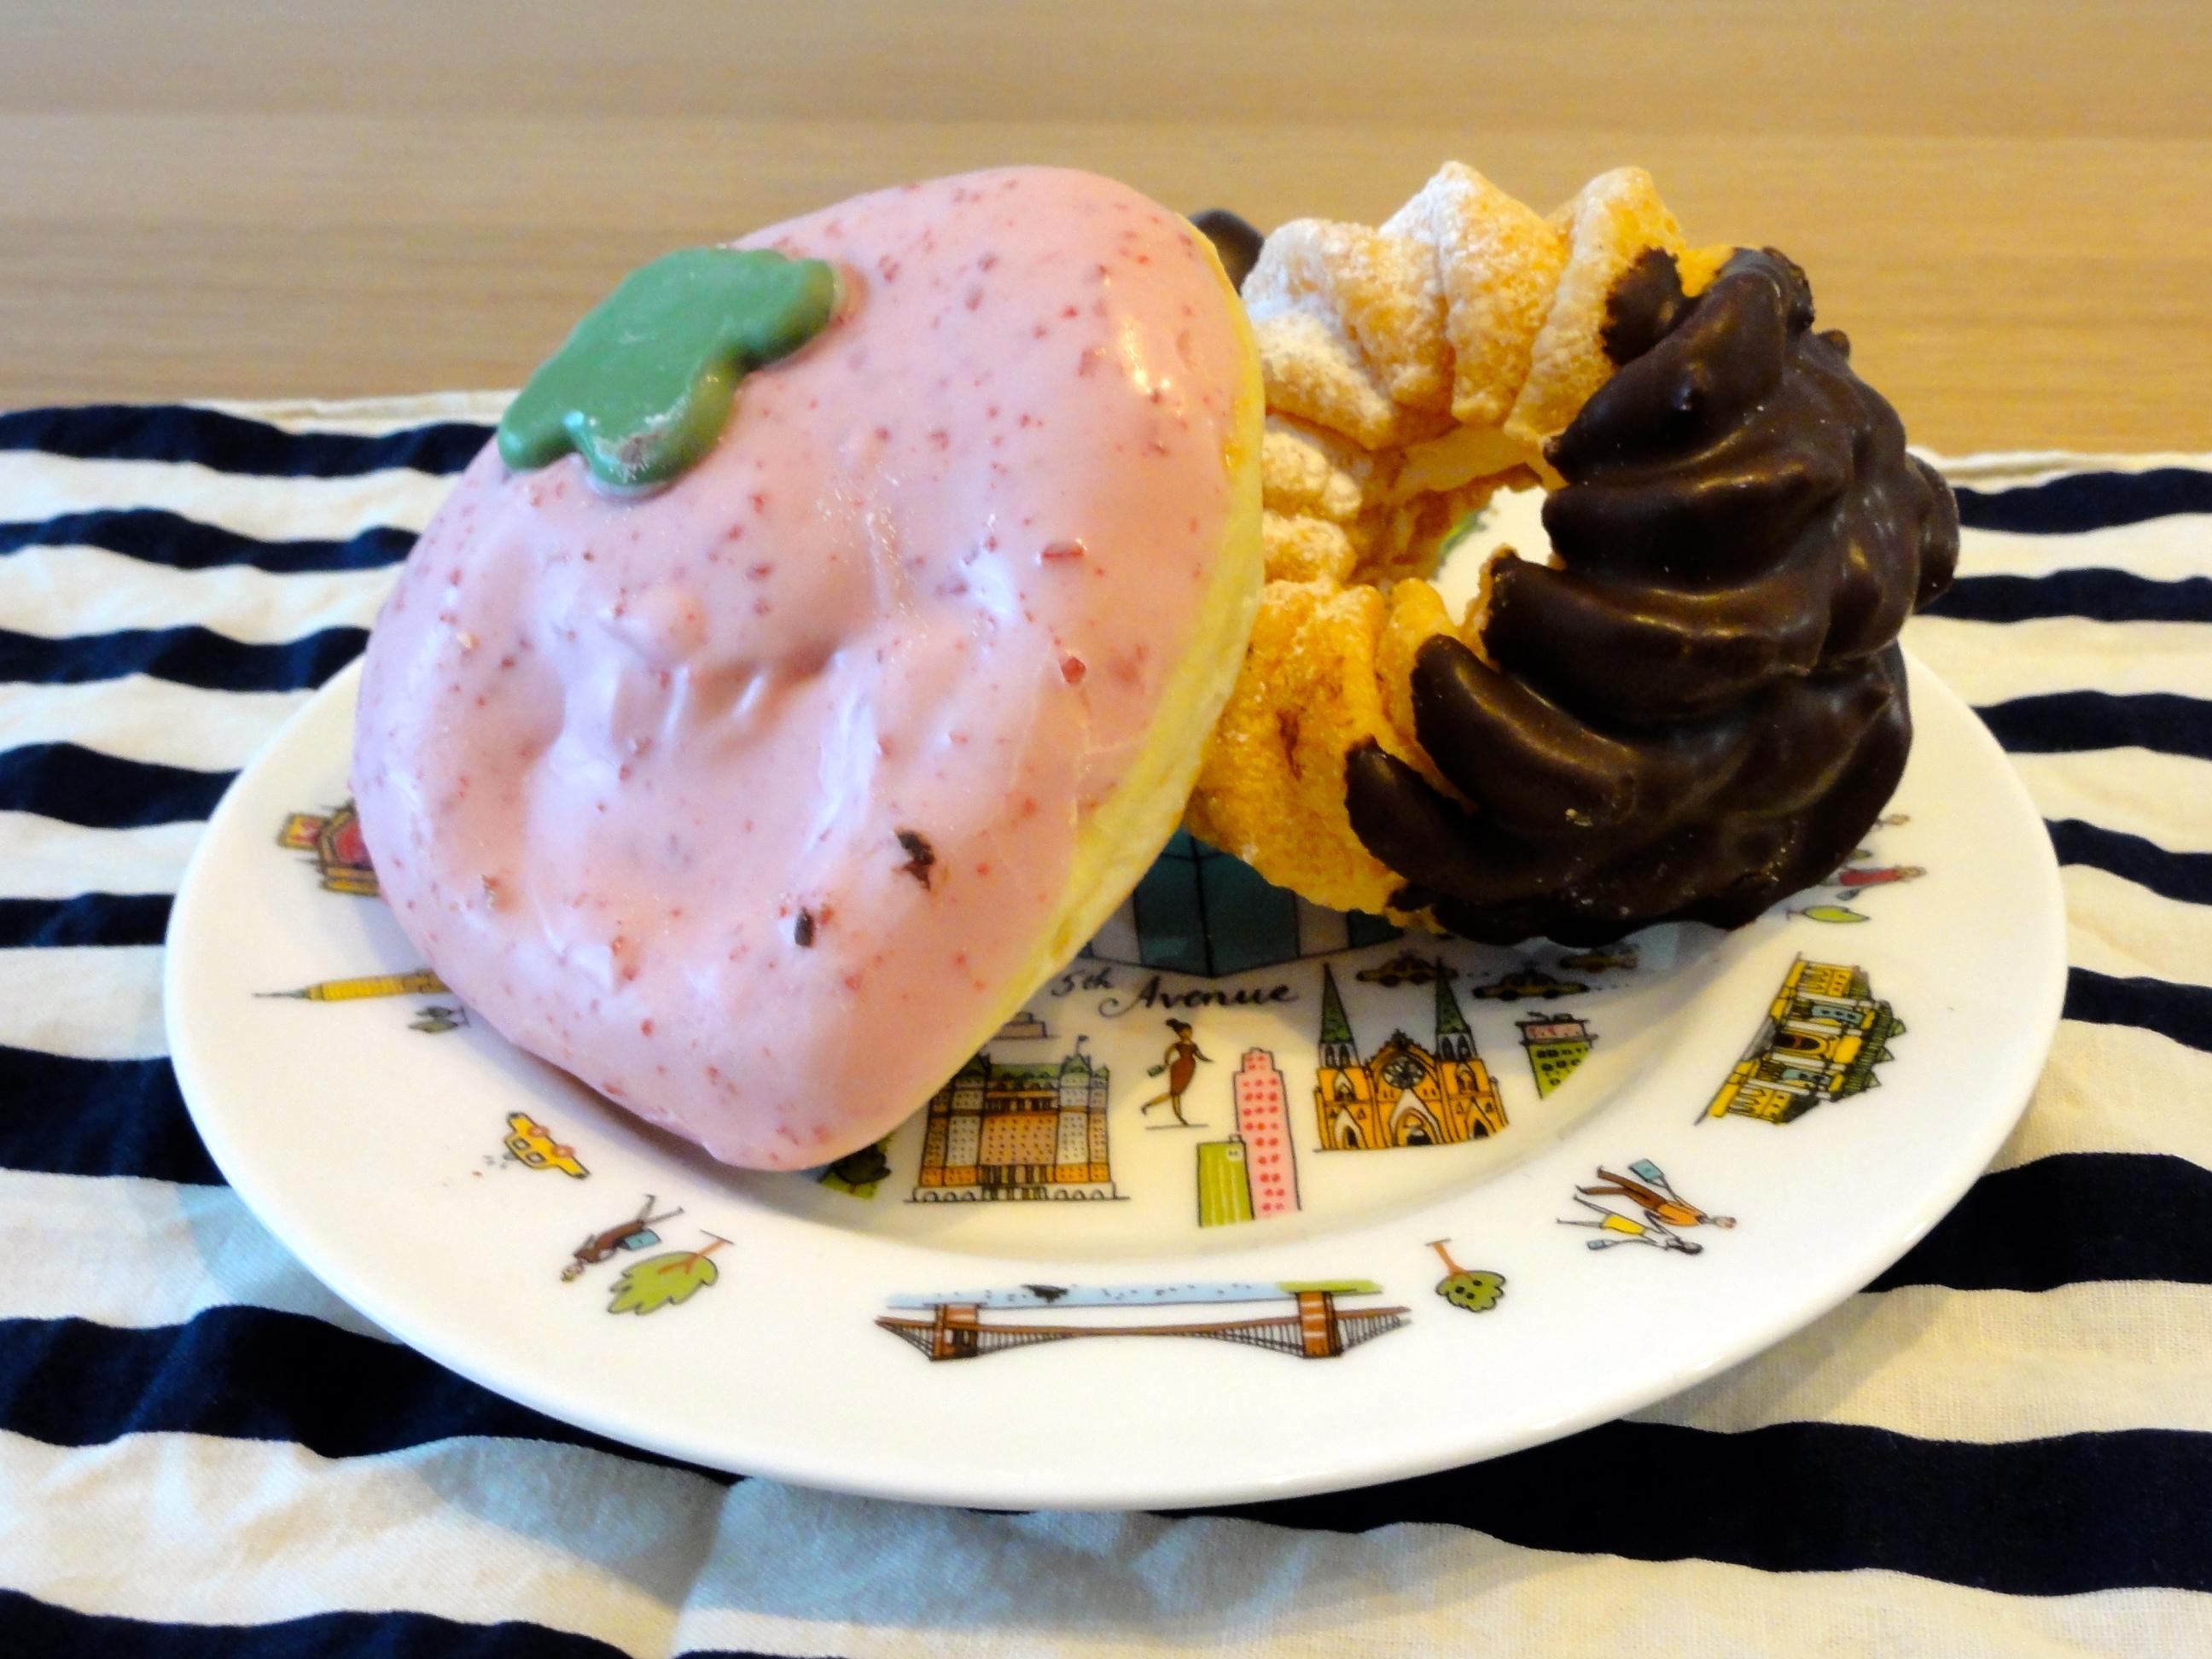 上北沢タイムズミスタードーナツでストロベリー祭り(仙川:ドーナツ)